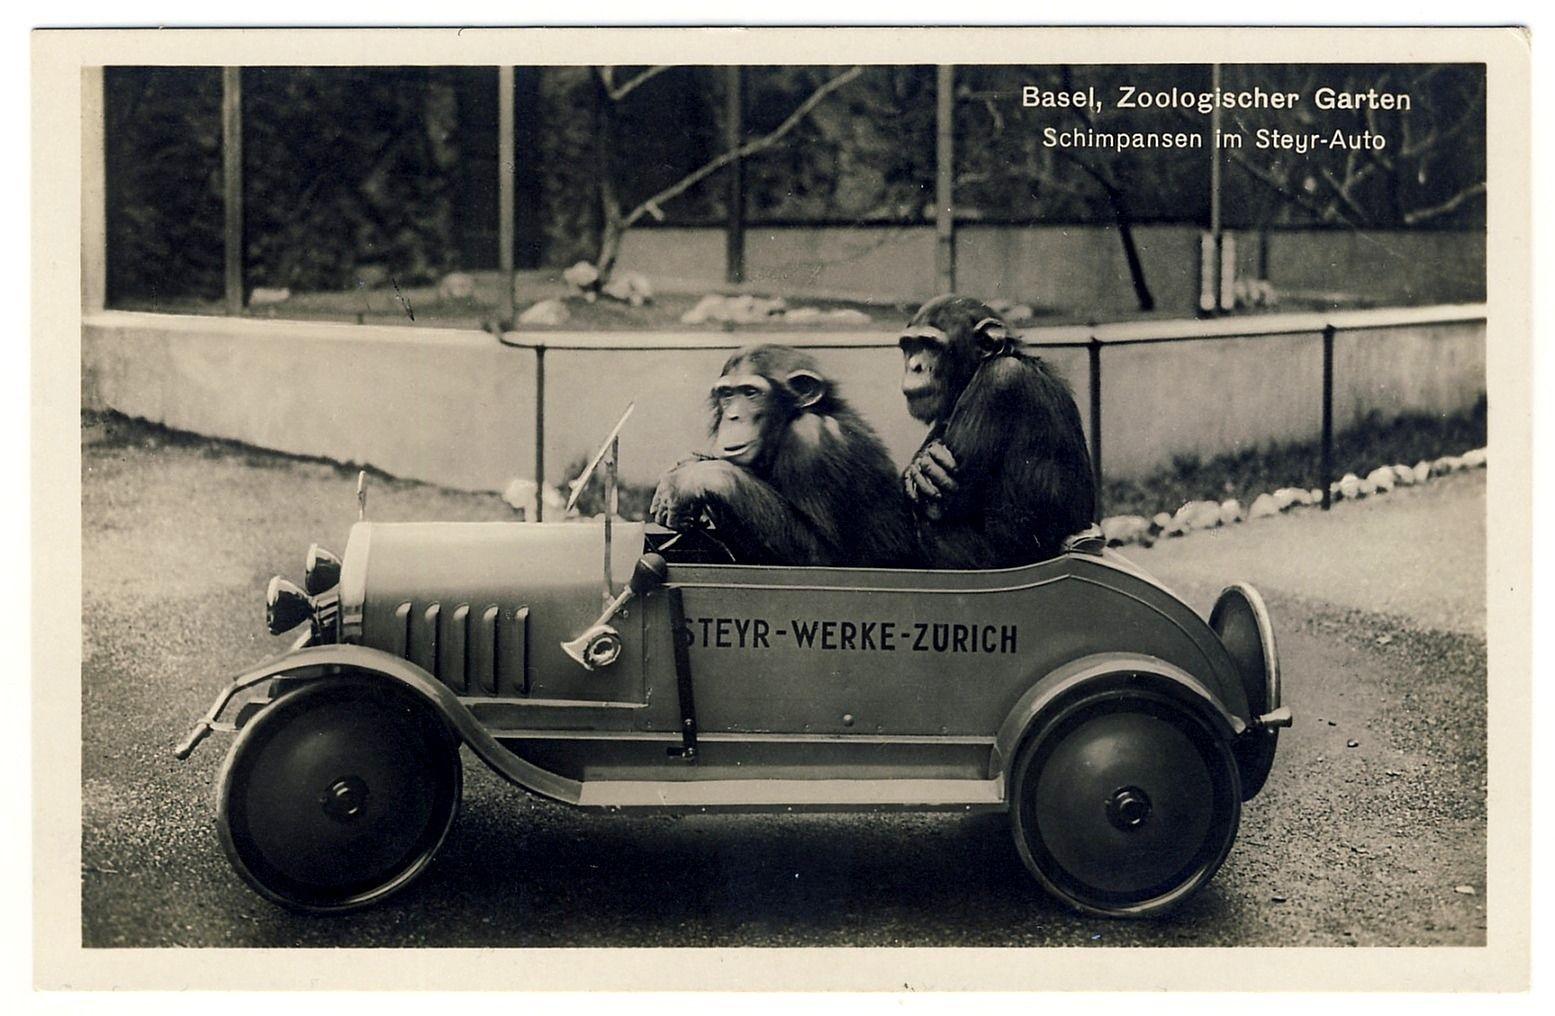 BASEL-Zoo-Schimpansen-im-Steyr-Auto.jpg